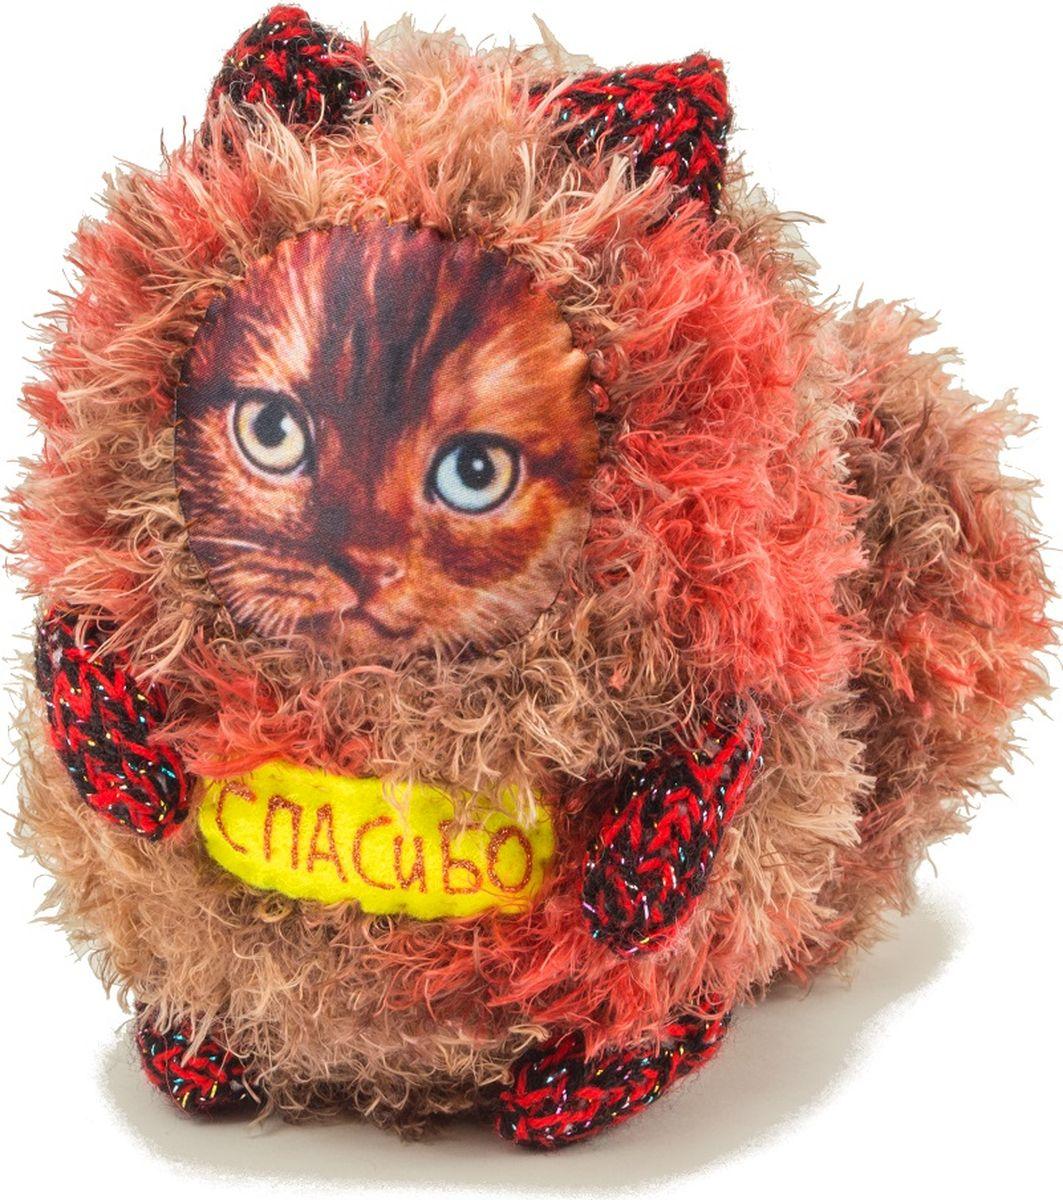 Мягкая игрушка Бюро находок Котик. Спасибо, цвет: коричнево-красный мягкая игрушка бюро находок котик скотина цвет коричнево красный